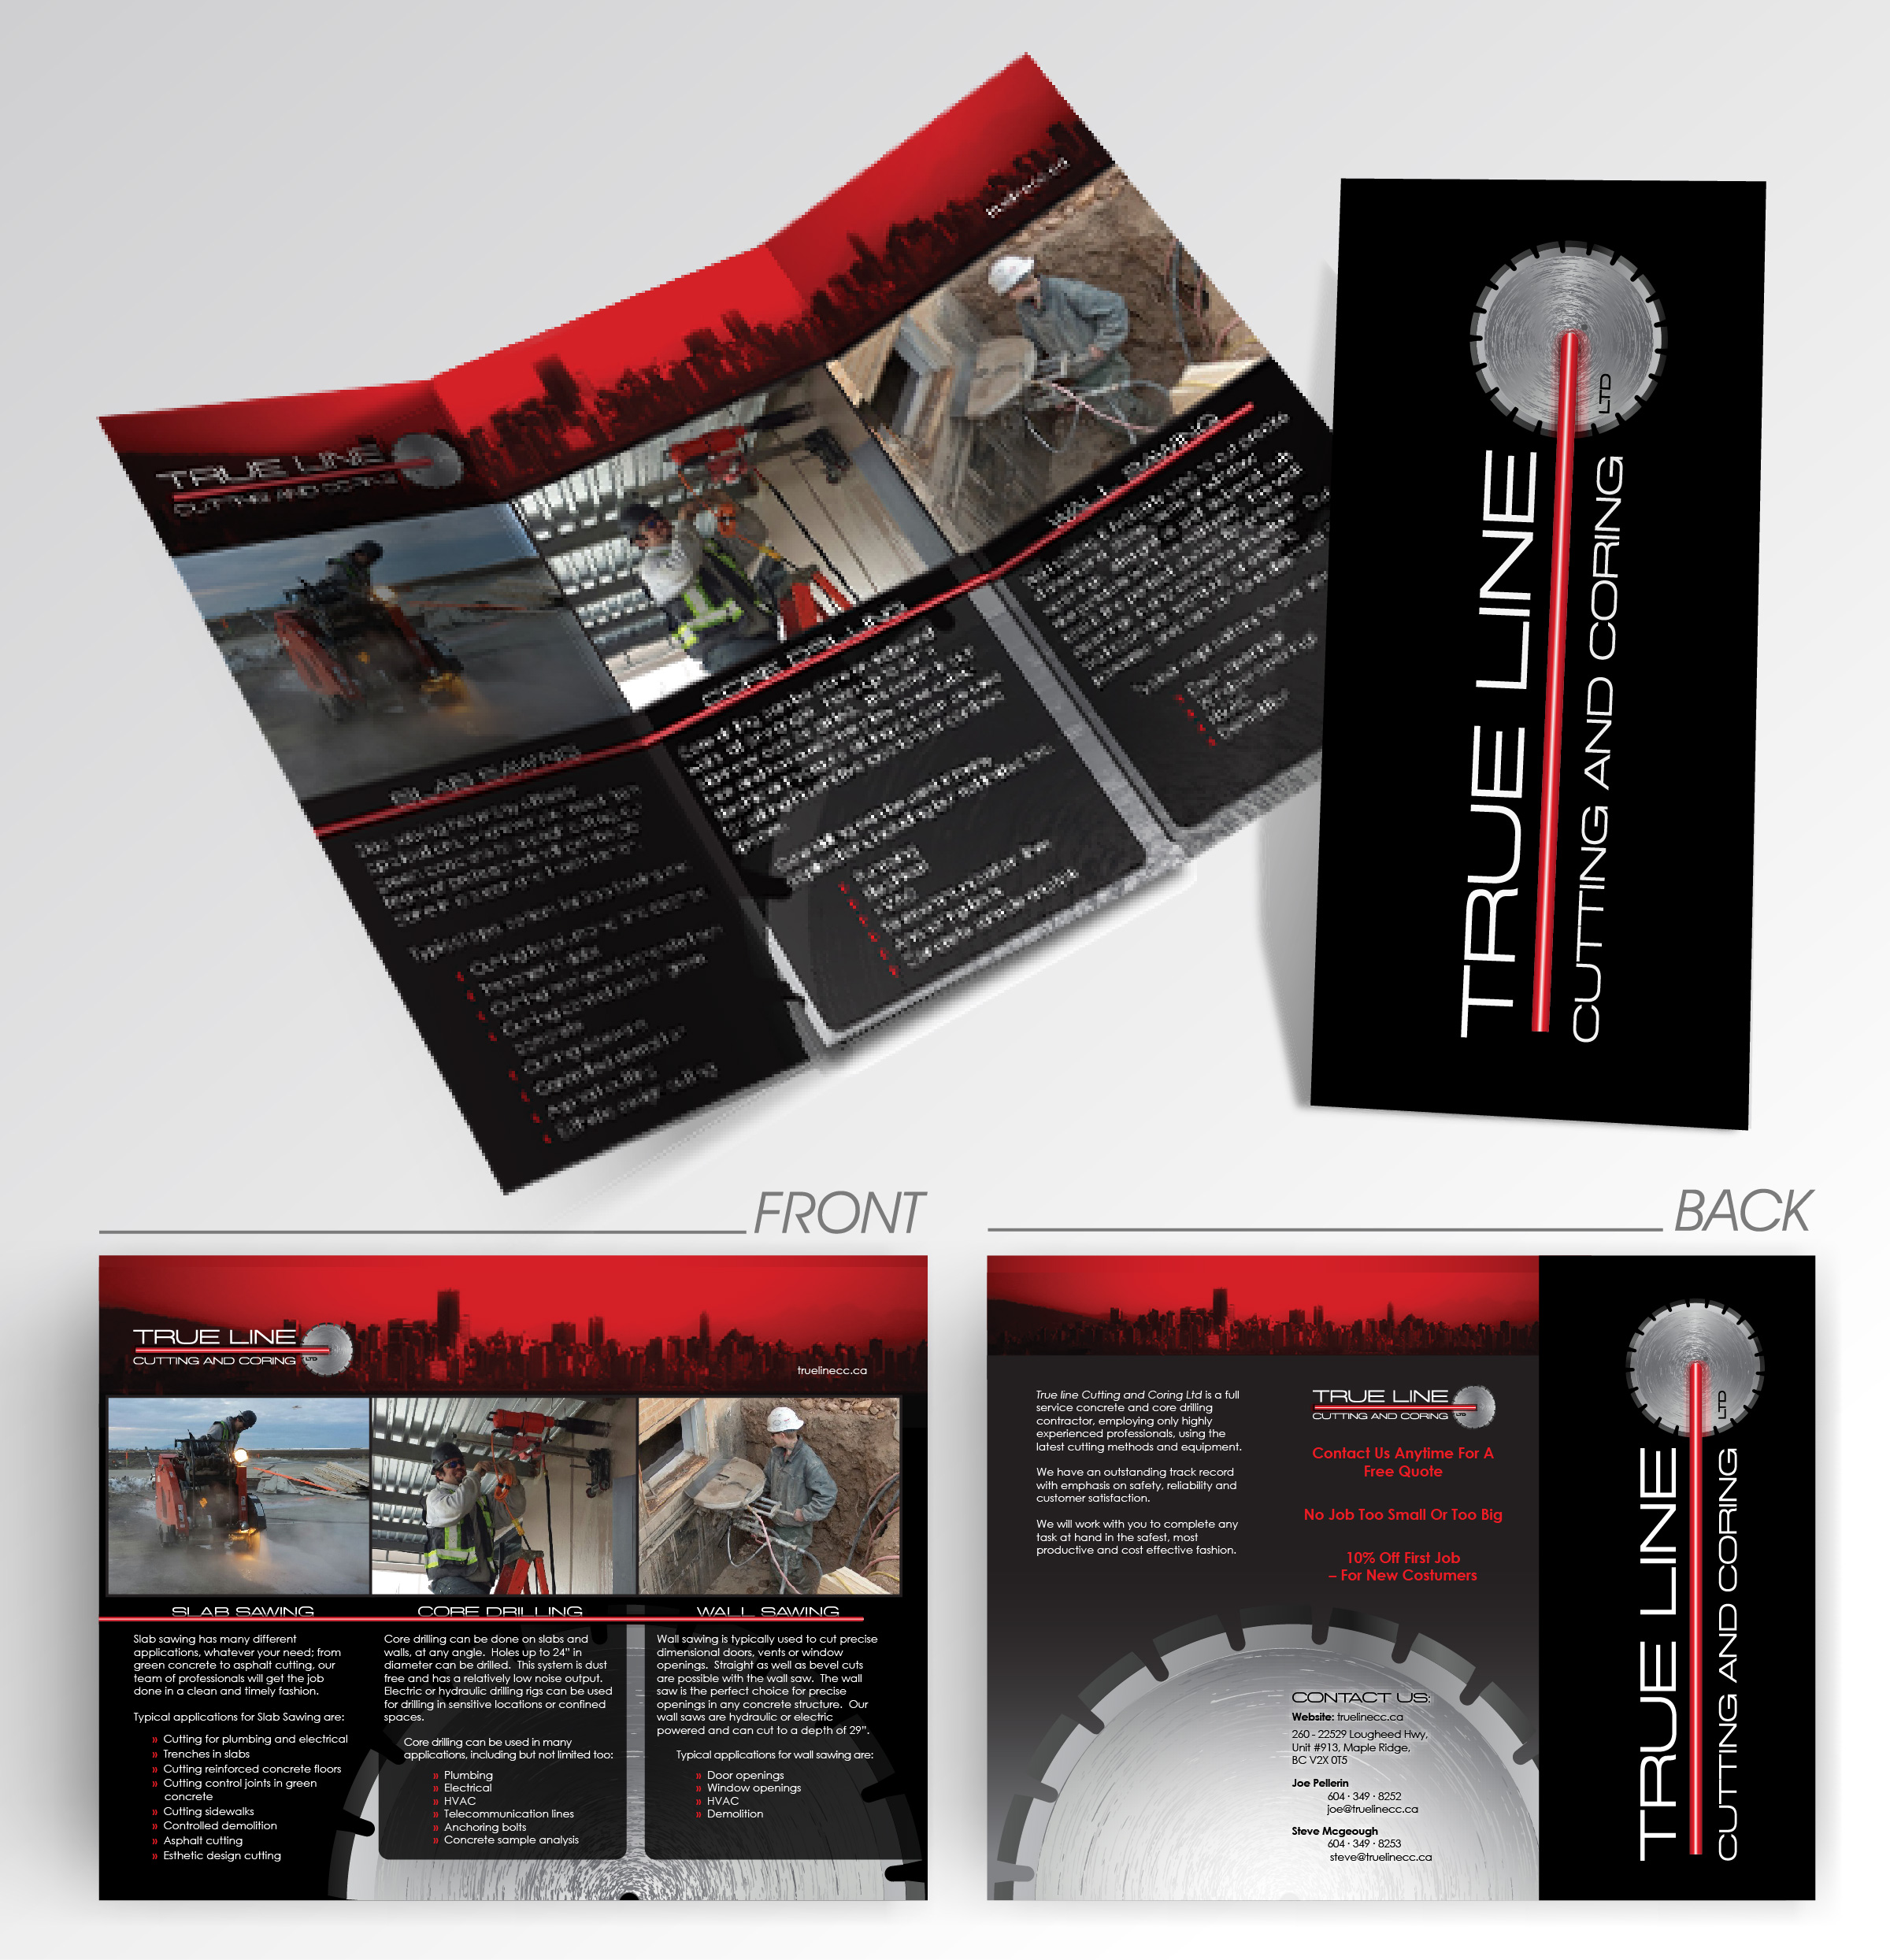 Trueline Cutting & Coring Branding